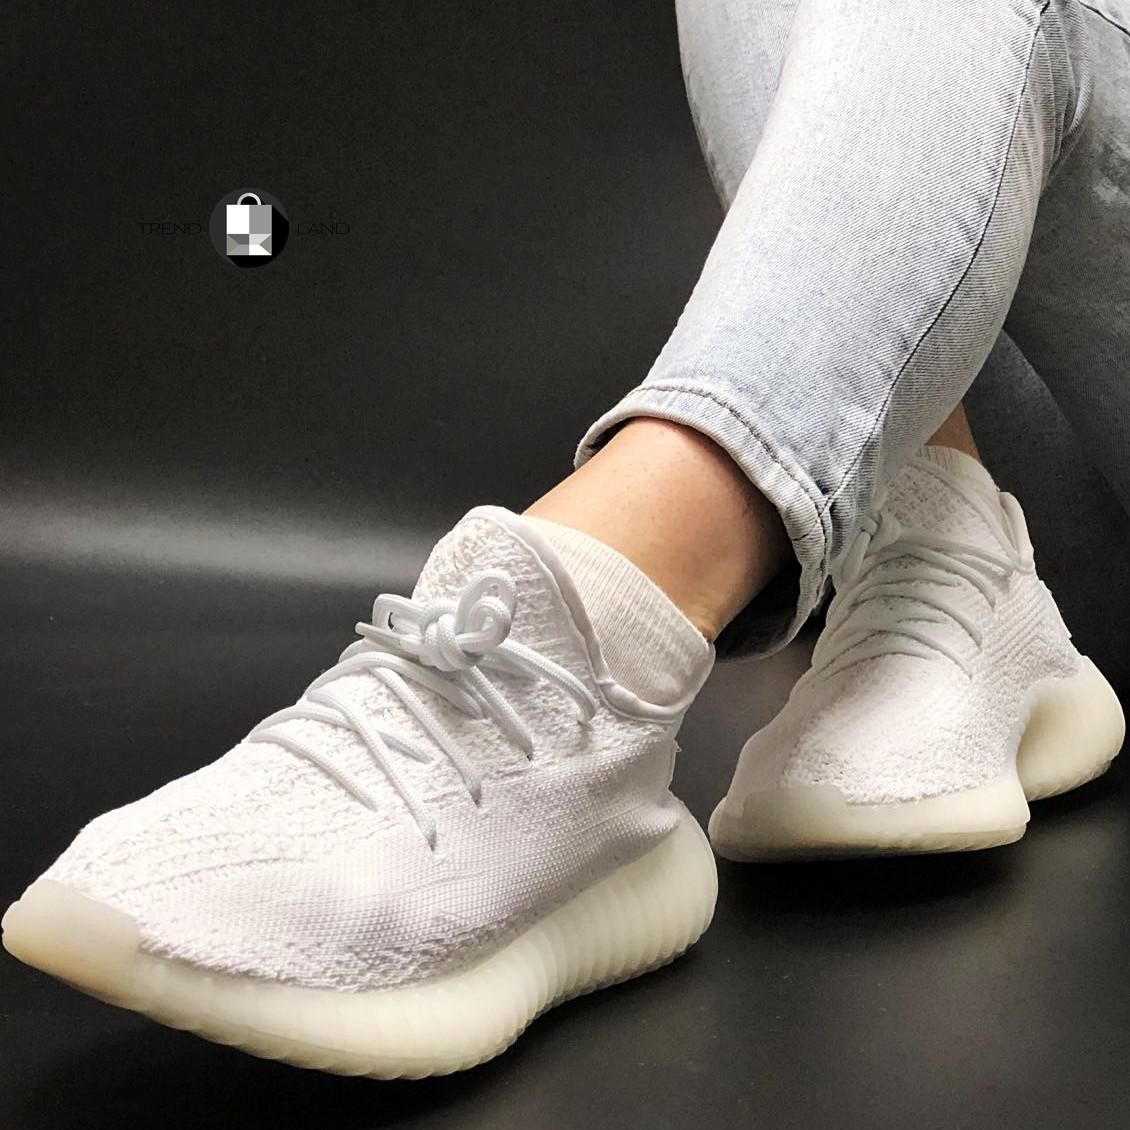 Жіночі кросівки в стилі Adidas Yeezy Boost 350 v2 Full White